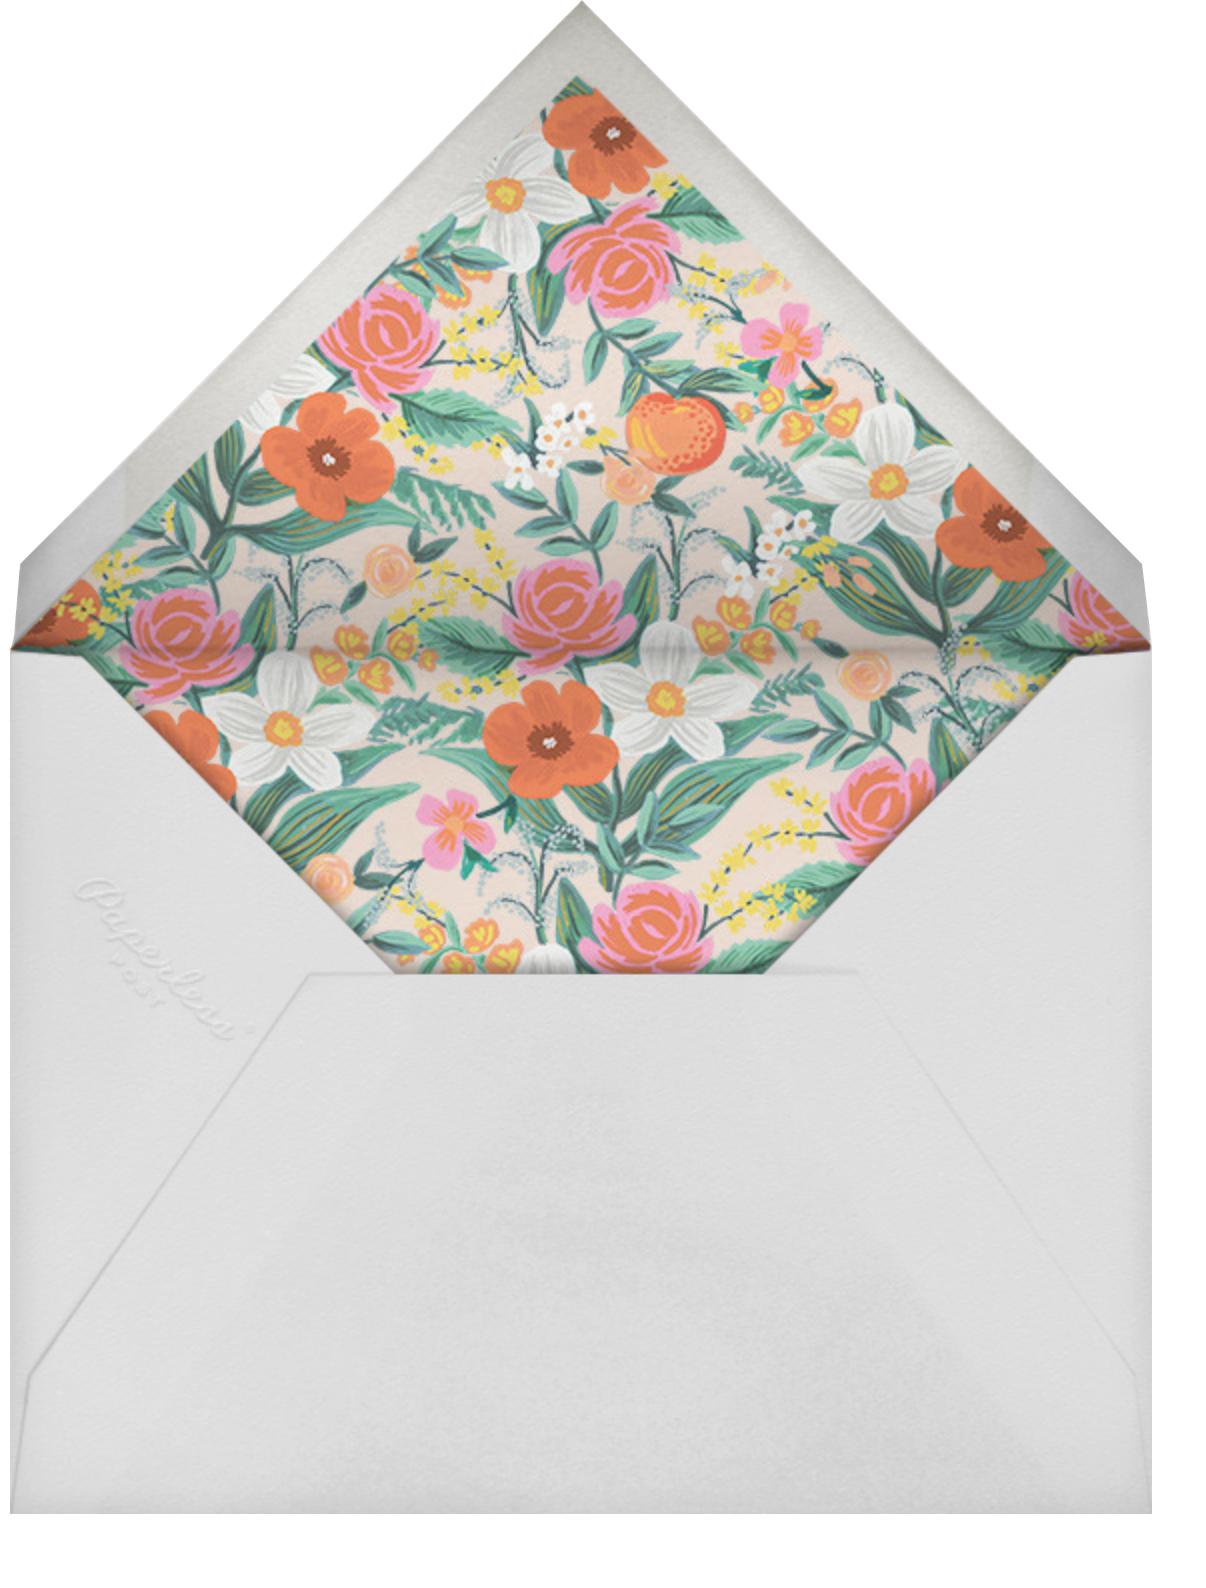 Orangerie - White - Rifle Paper Co. - Summer entertaining - envelope back